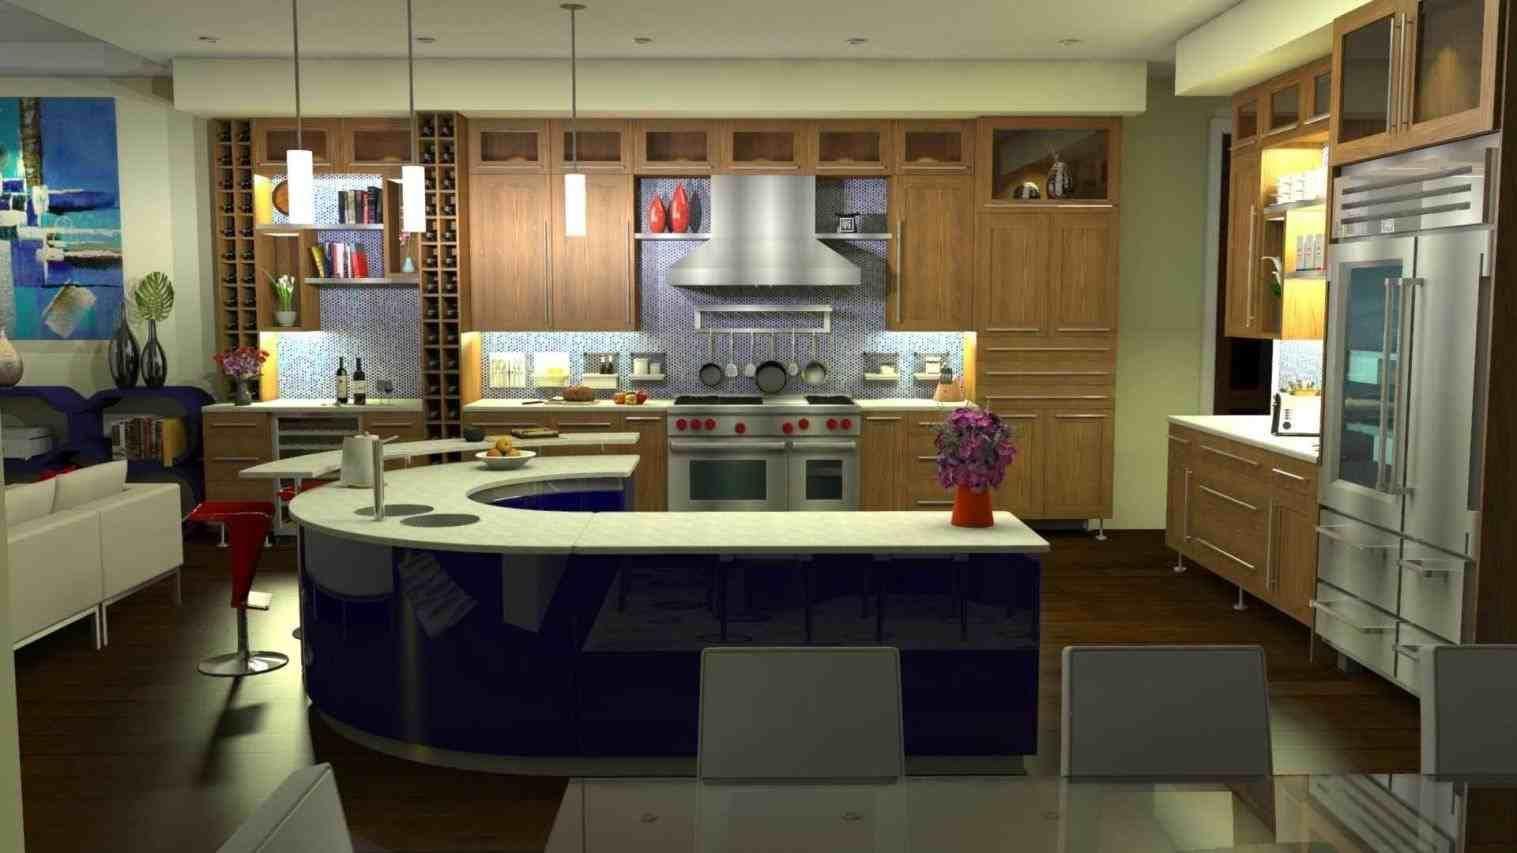 Nett Glas Küchenschranktüren Uk Bilder - Küchenschrank Ideen ...